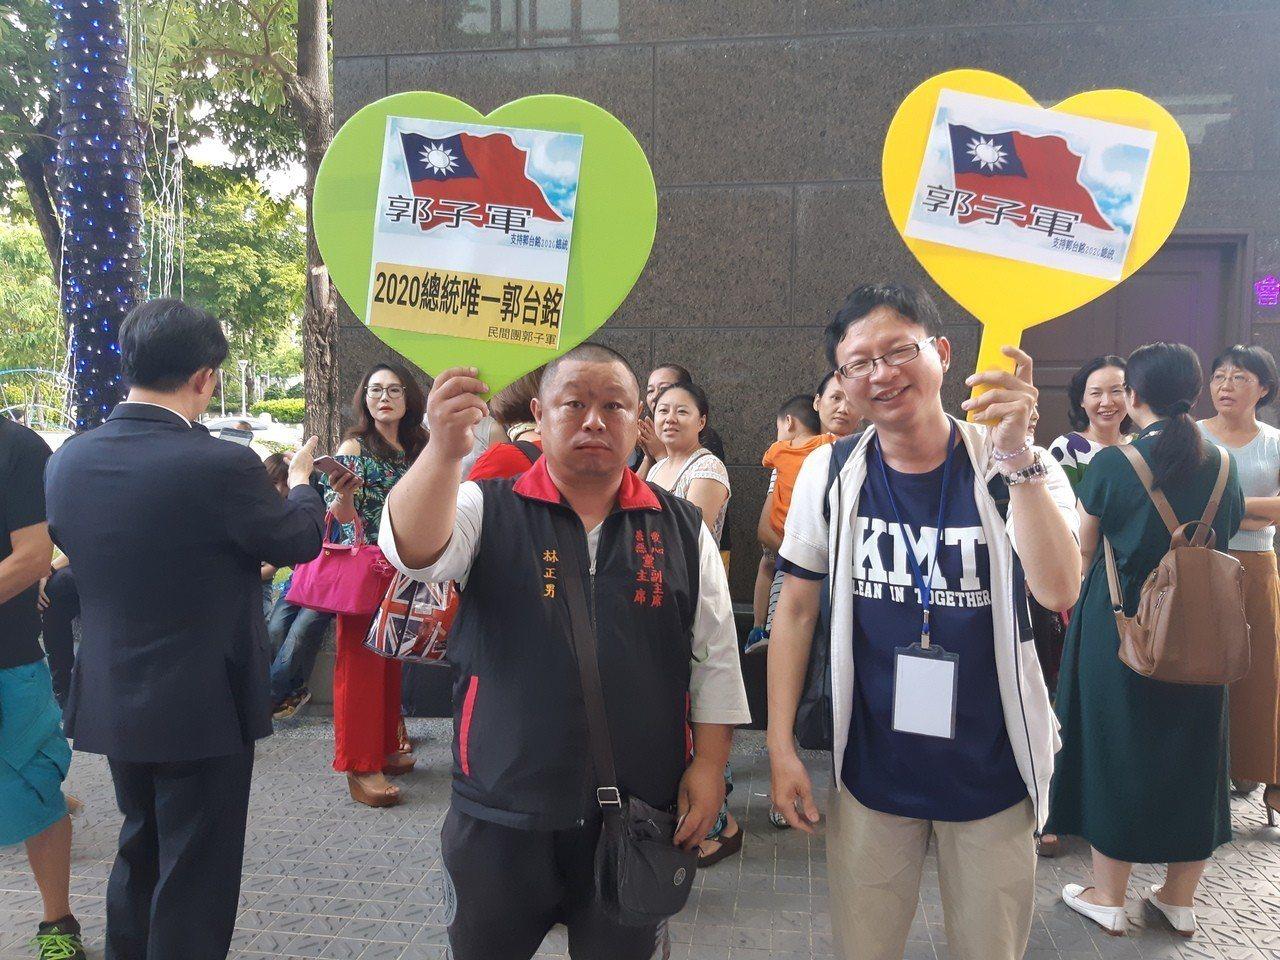 郭軍團親赴國民黨政見發表會,大喊力挺郭台銘。記者賴郁薇/攝影